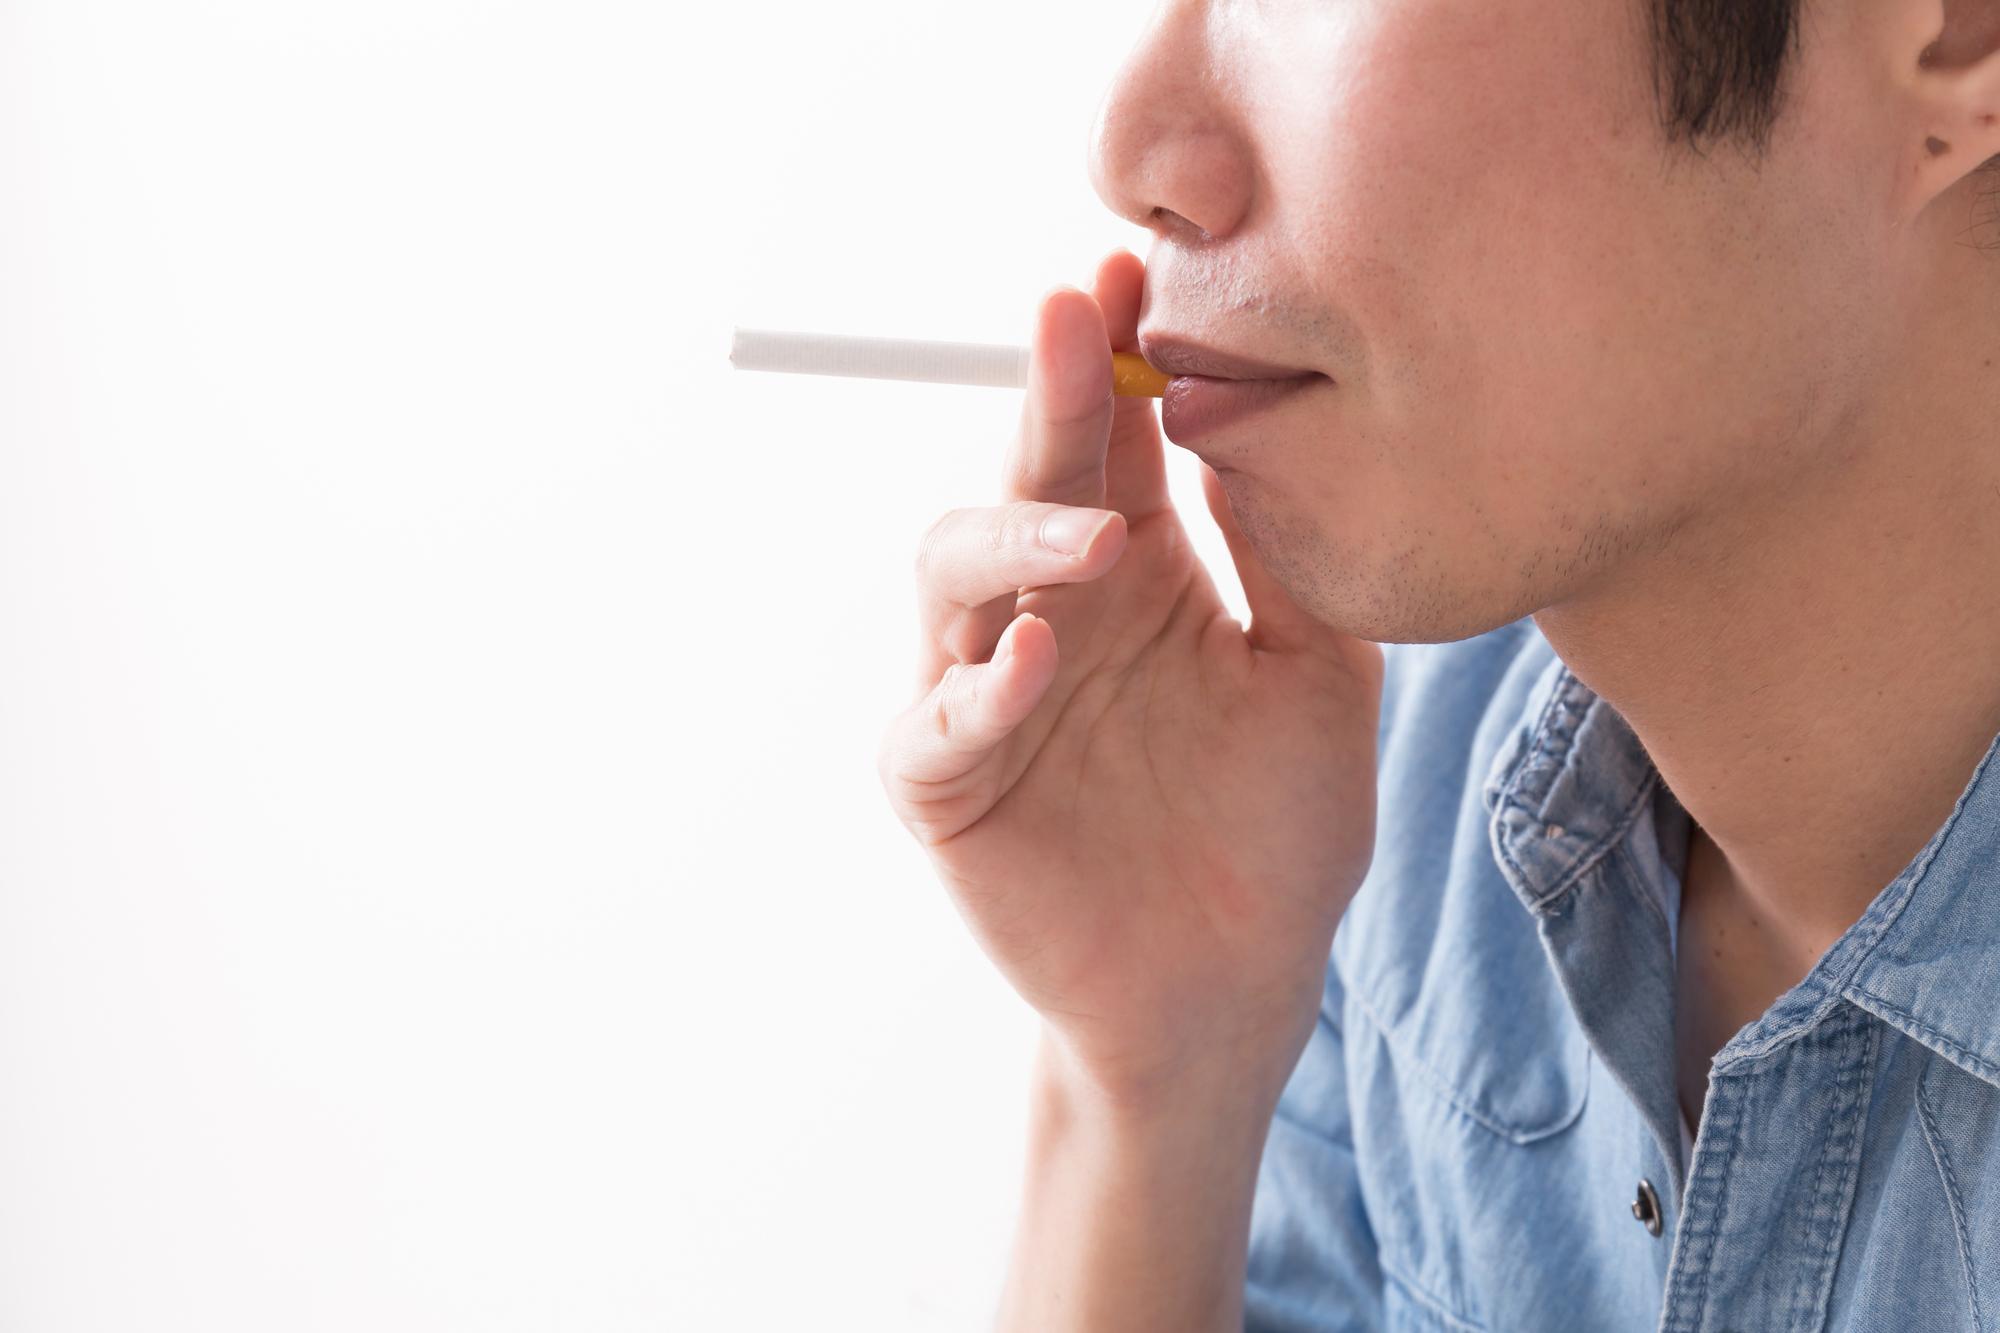 逆流性食道炎になりやすい生活習慣